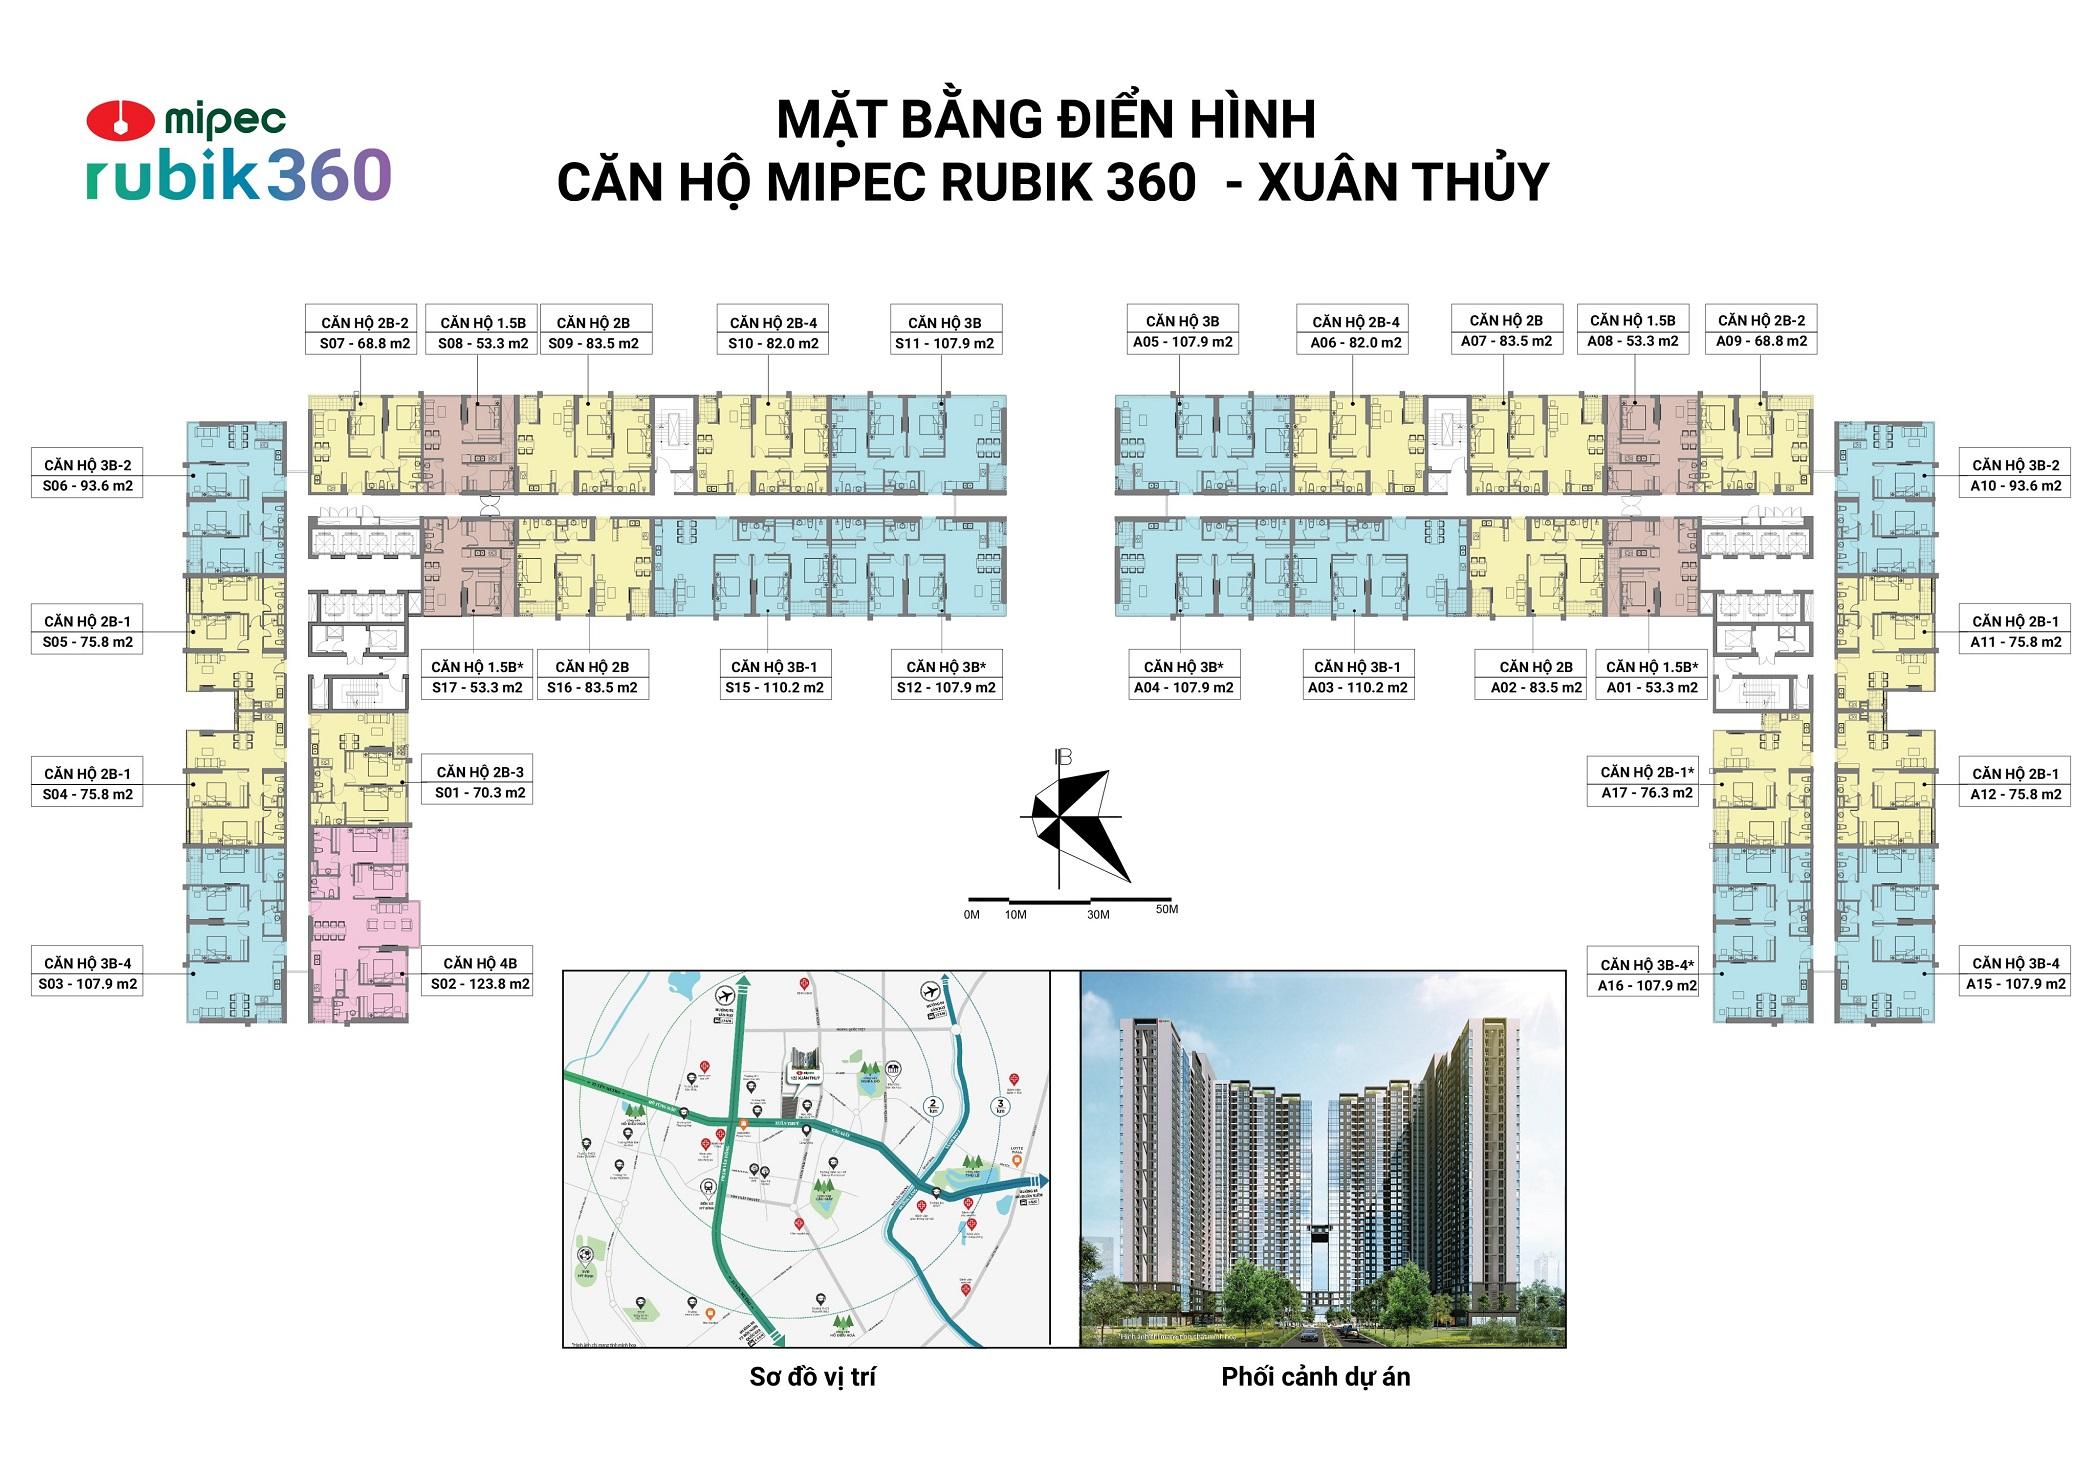 mat-bang-mipec-rubik-360